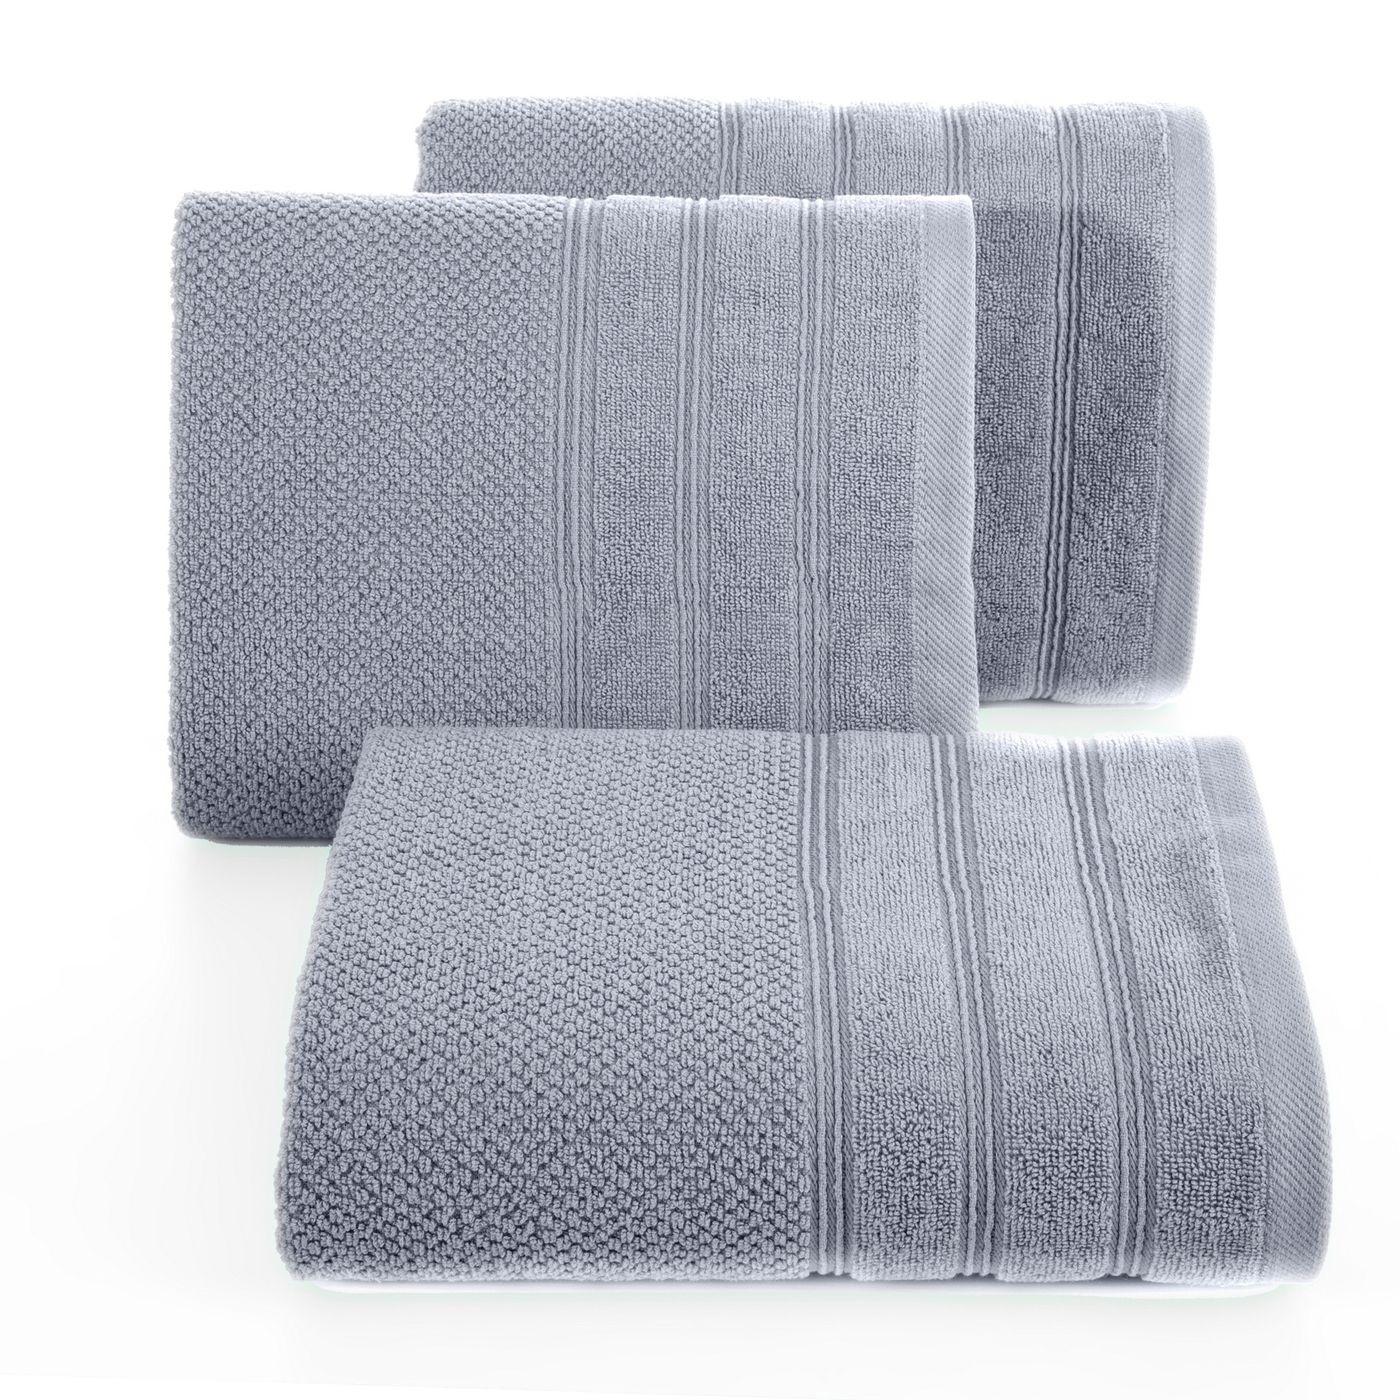 Bawełniany ręcznik kąpielowy frote srebrny 50x90